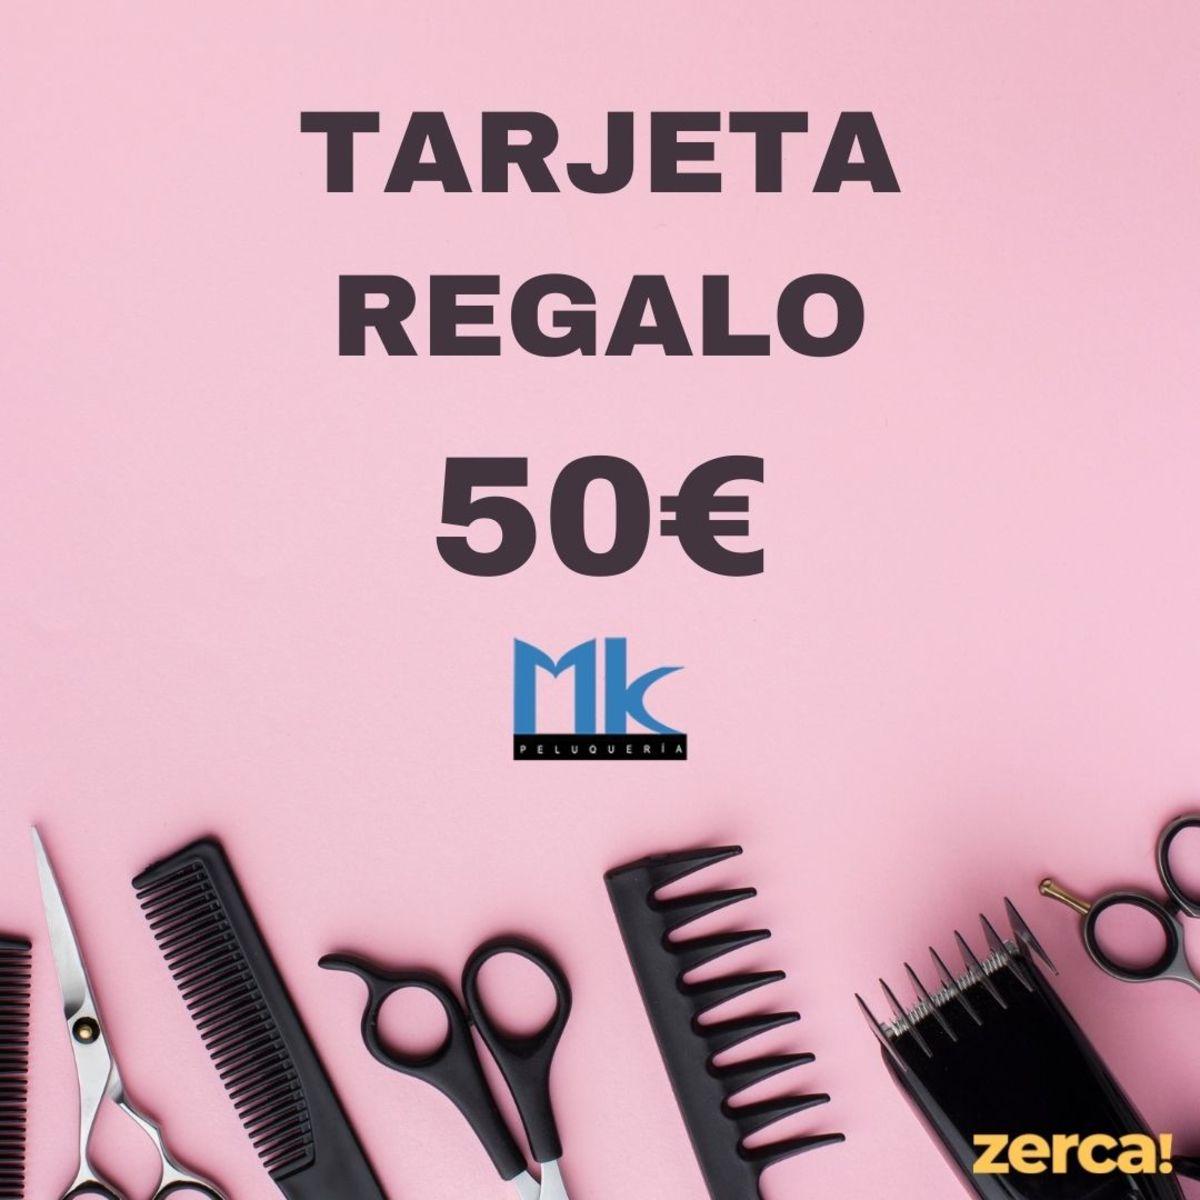 Tarjeta de regalo, salud en tu cabello: 50€